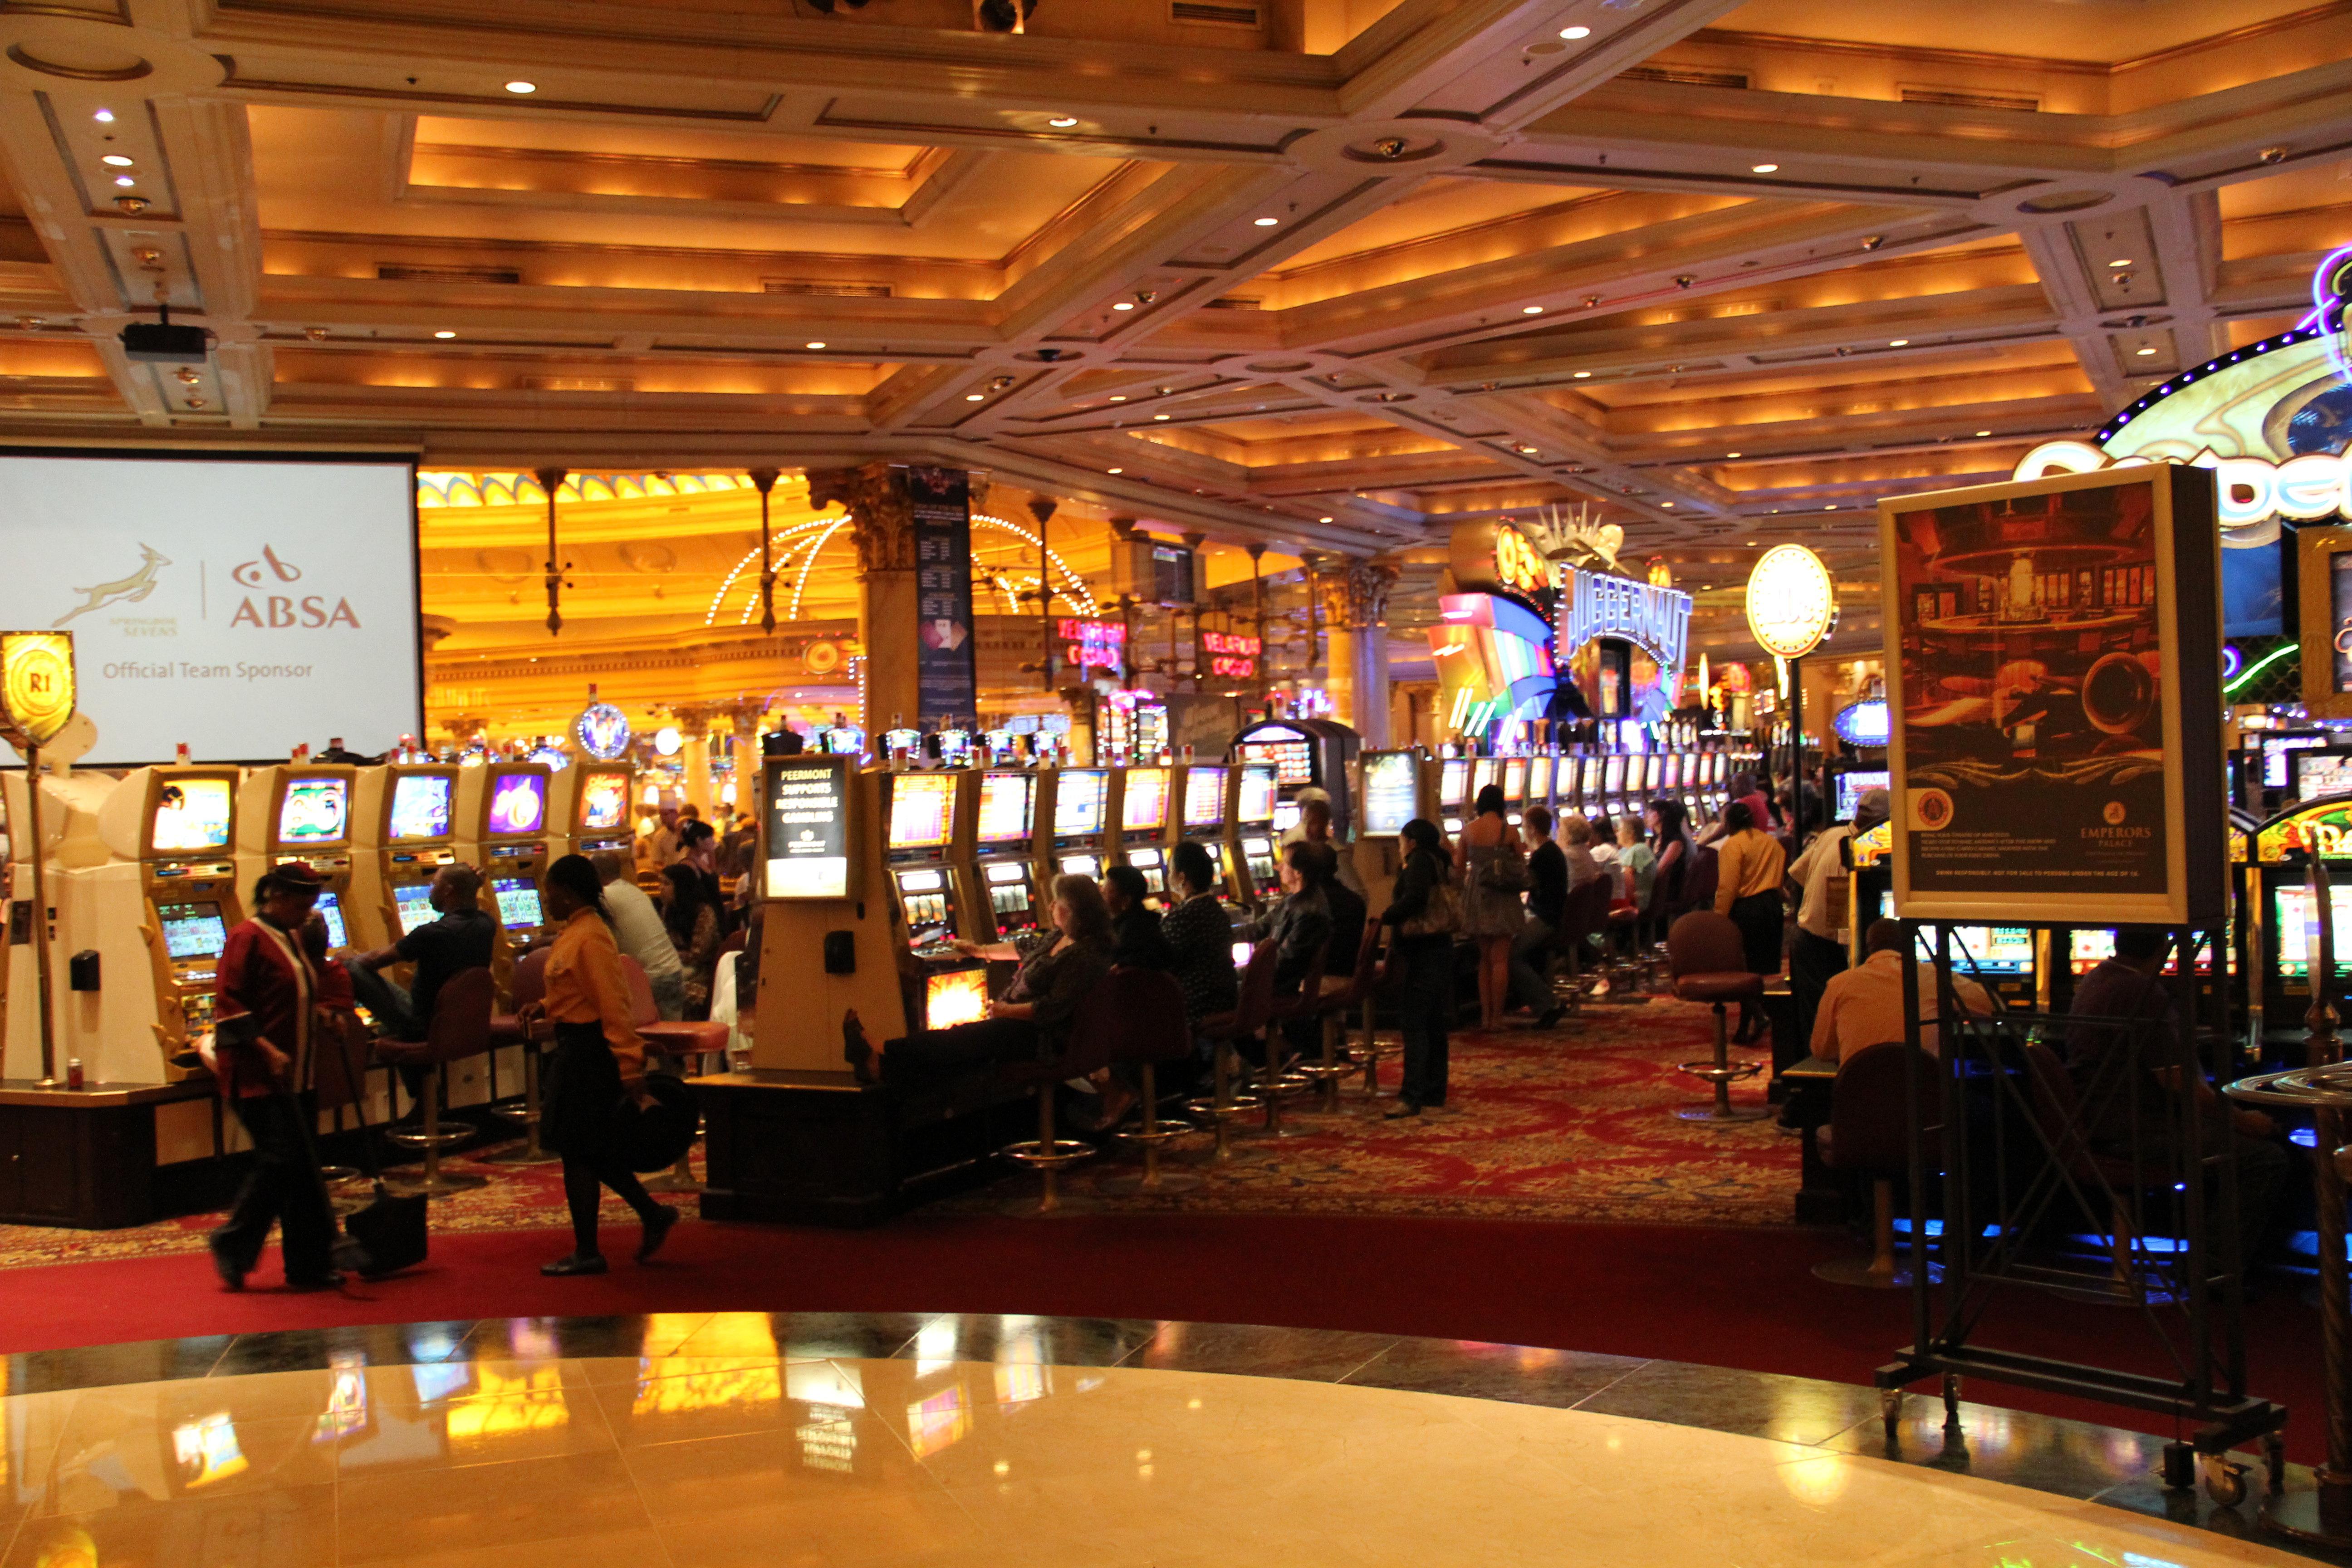 赌场装修效果图大全